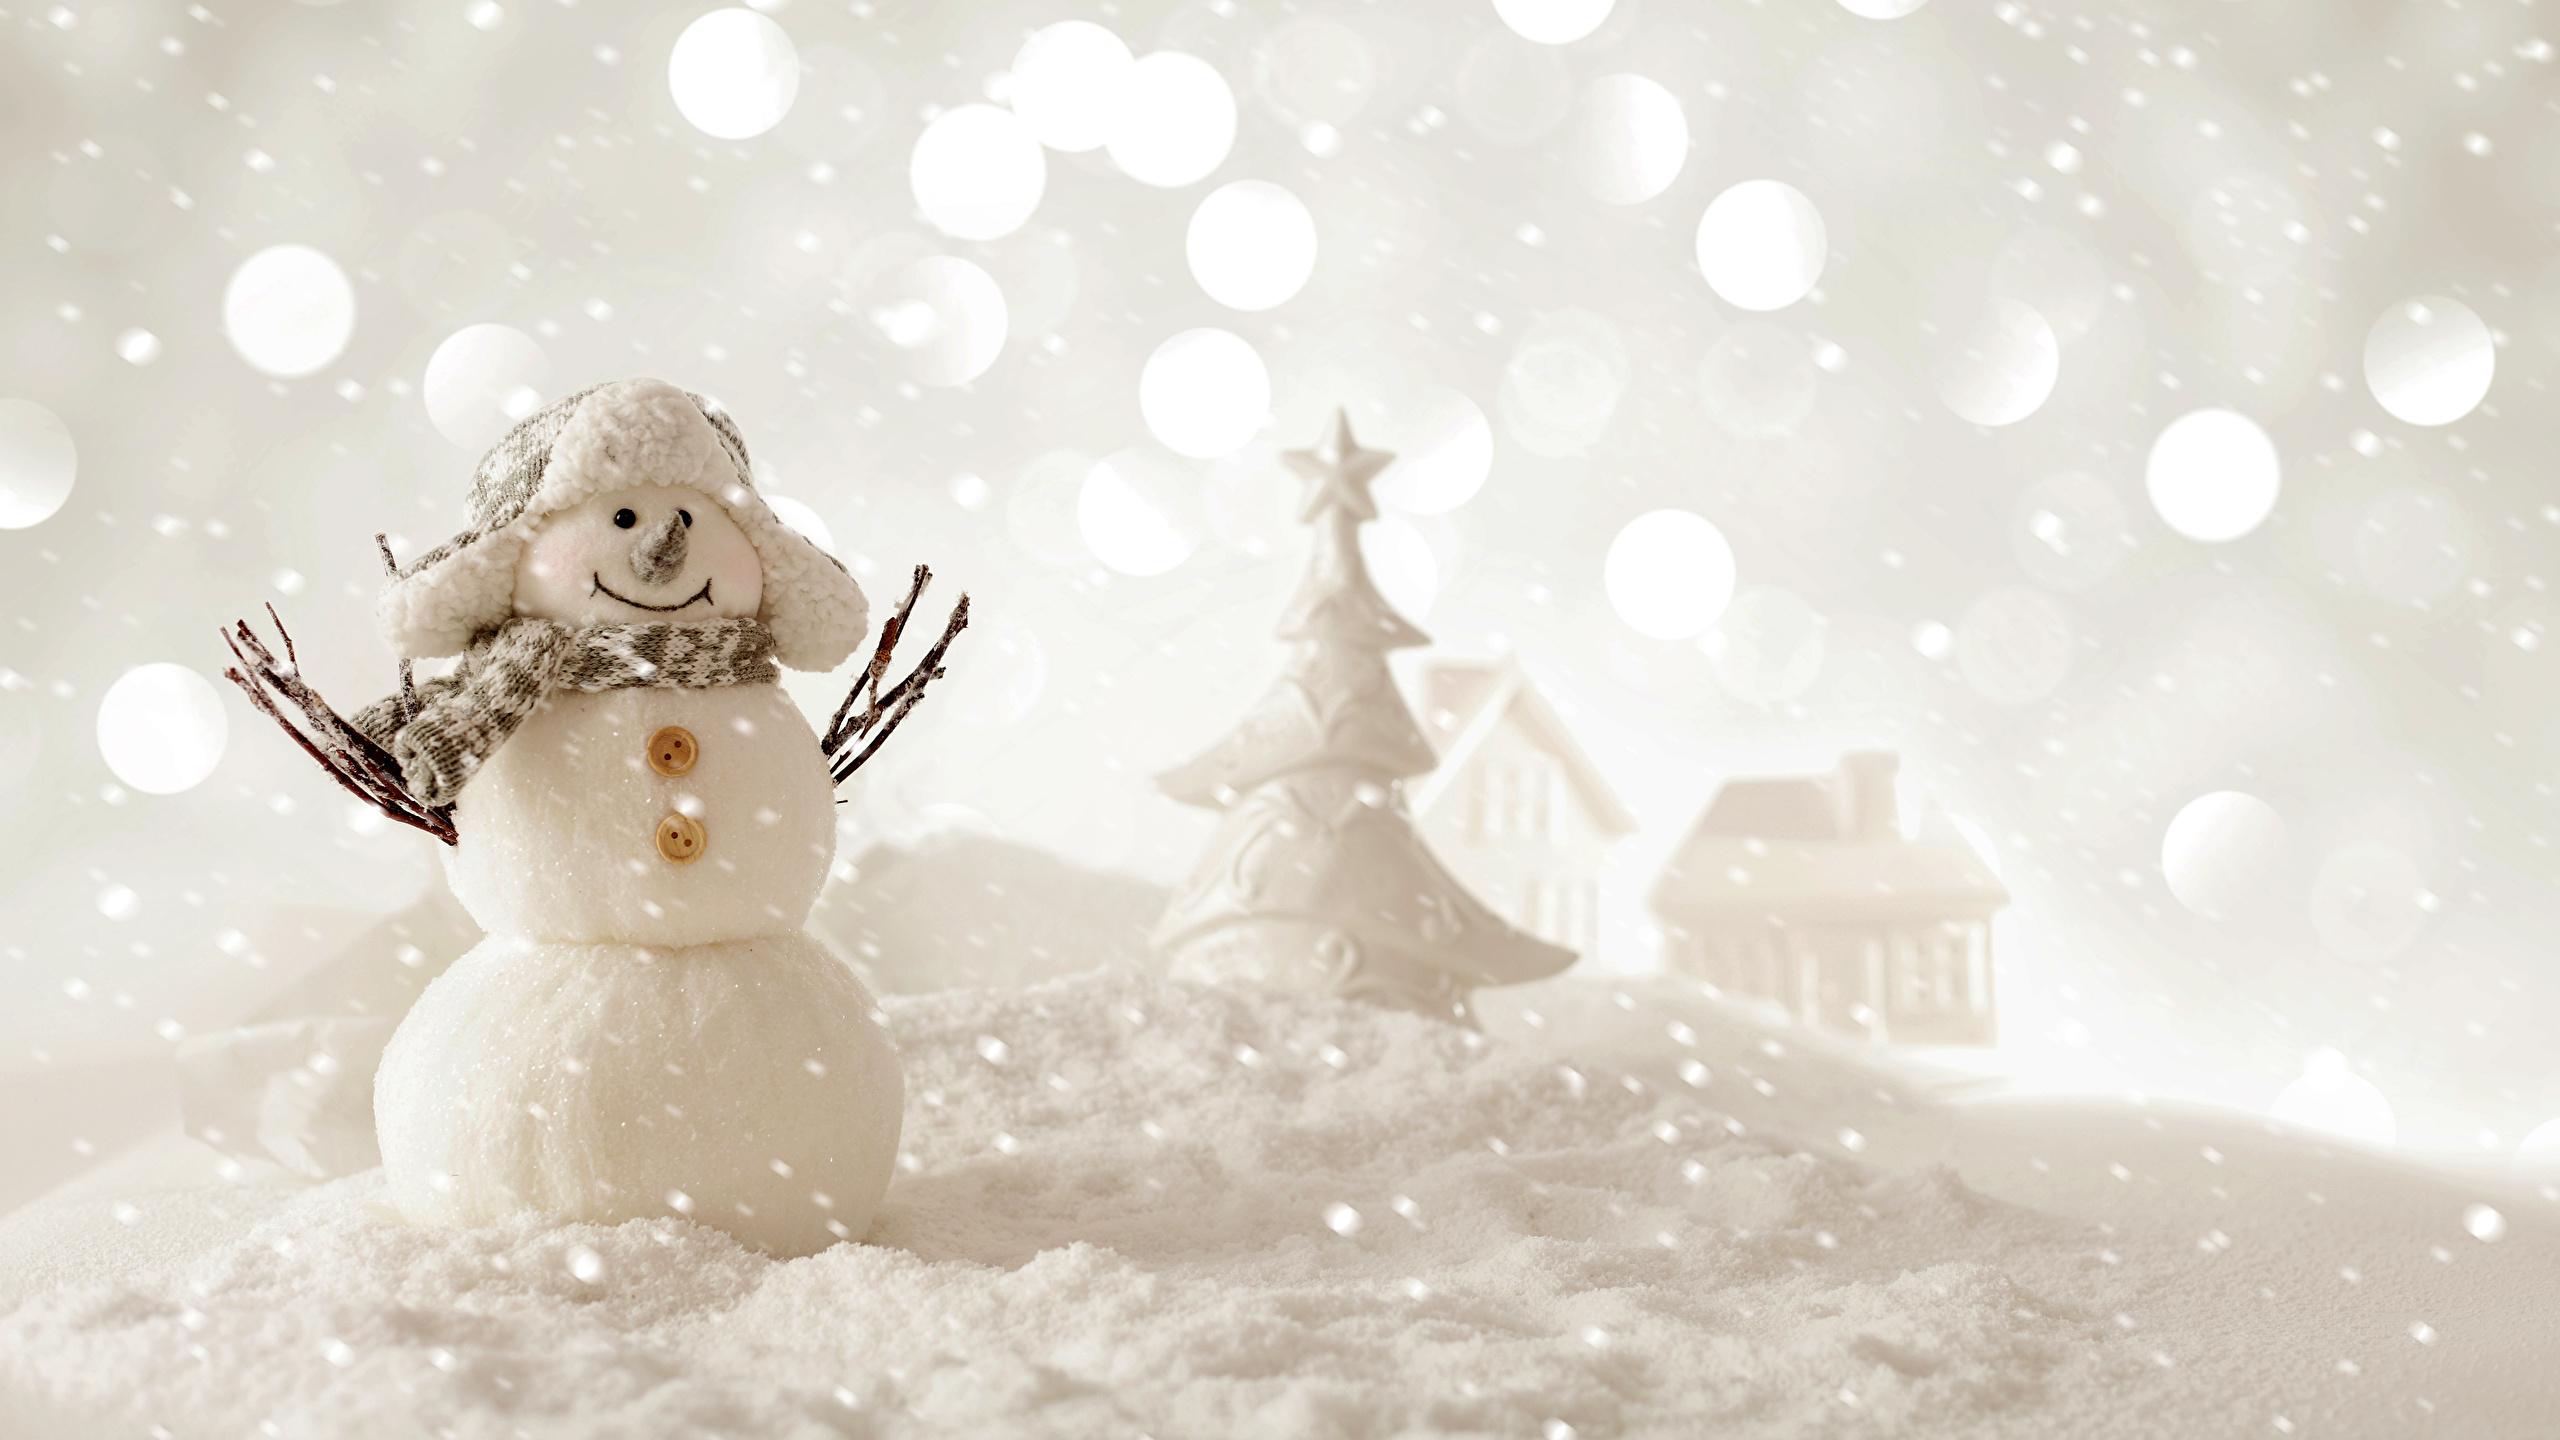 壁紙 2560x1440 新年 冬 雪だるま 雪 暖かい帽子 スカーフ 襟